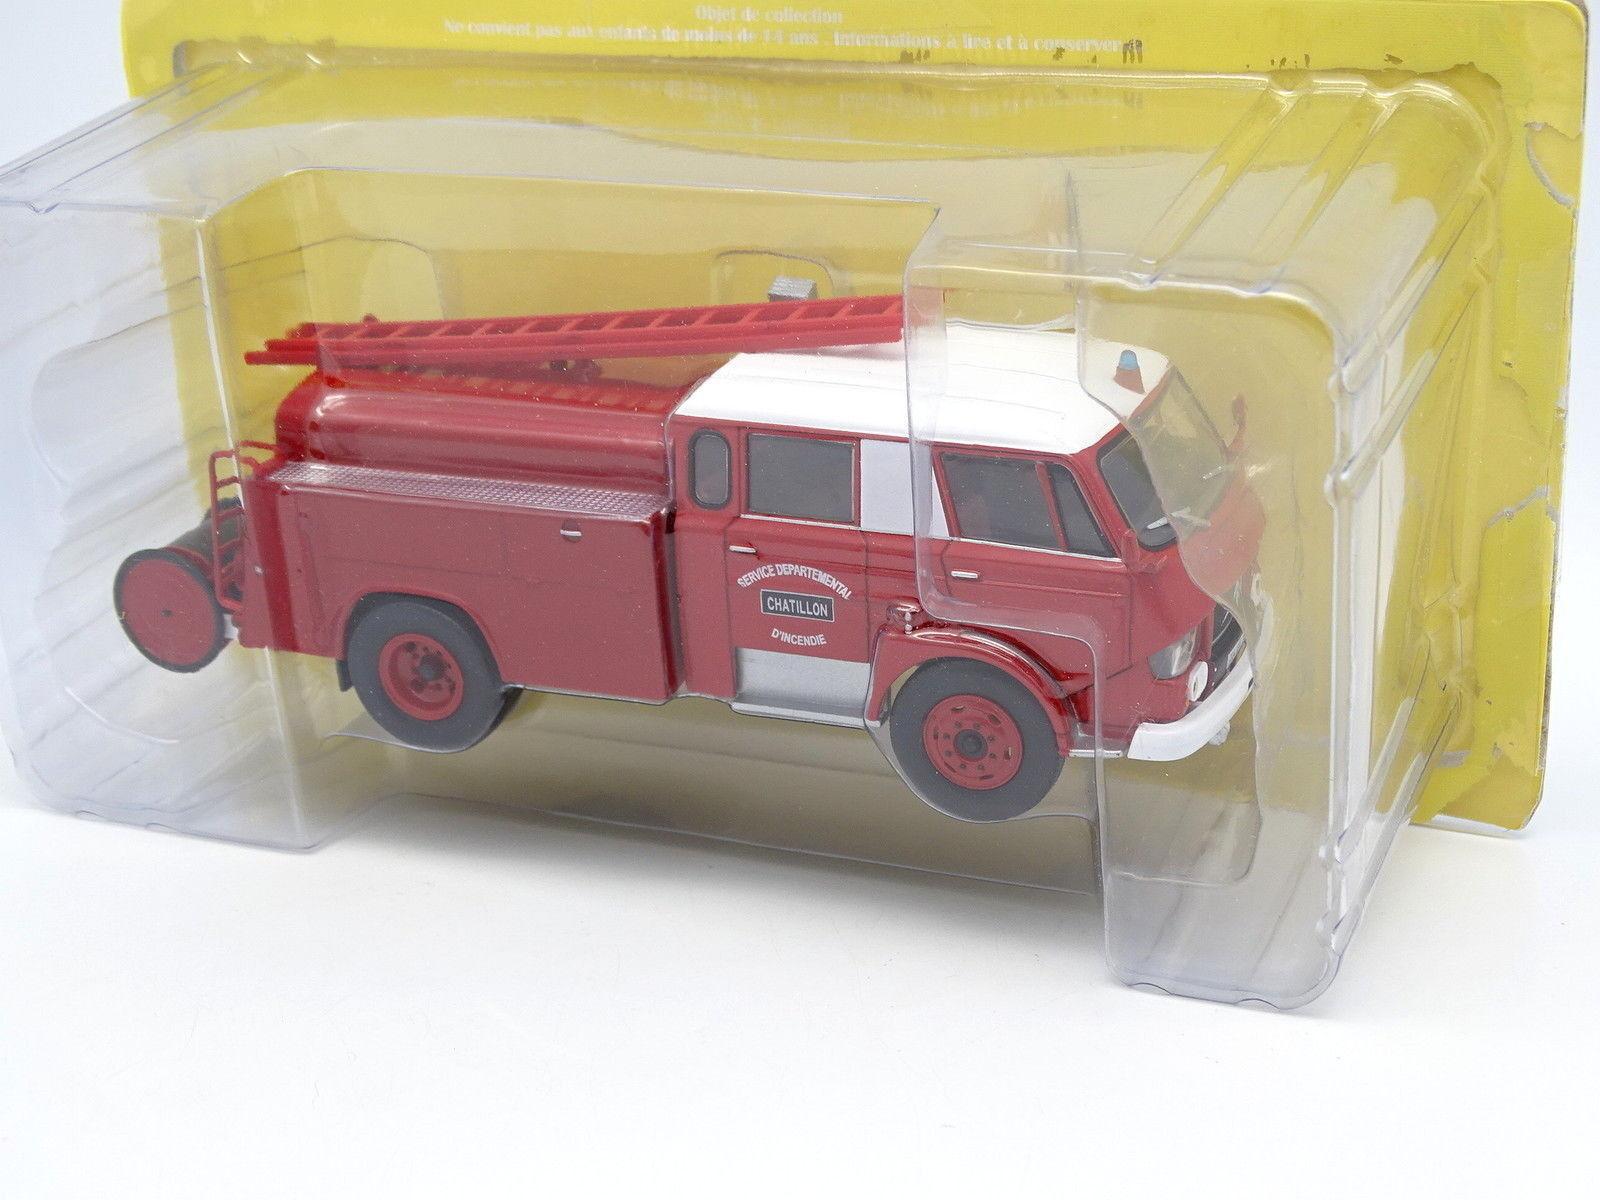 Ixo Presse Lastwagen Feuerwehr 1 43 - citroën Berliet Art PY Belphegor